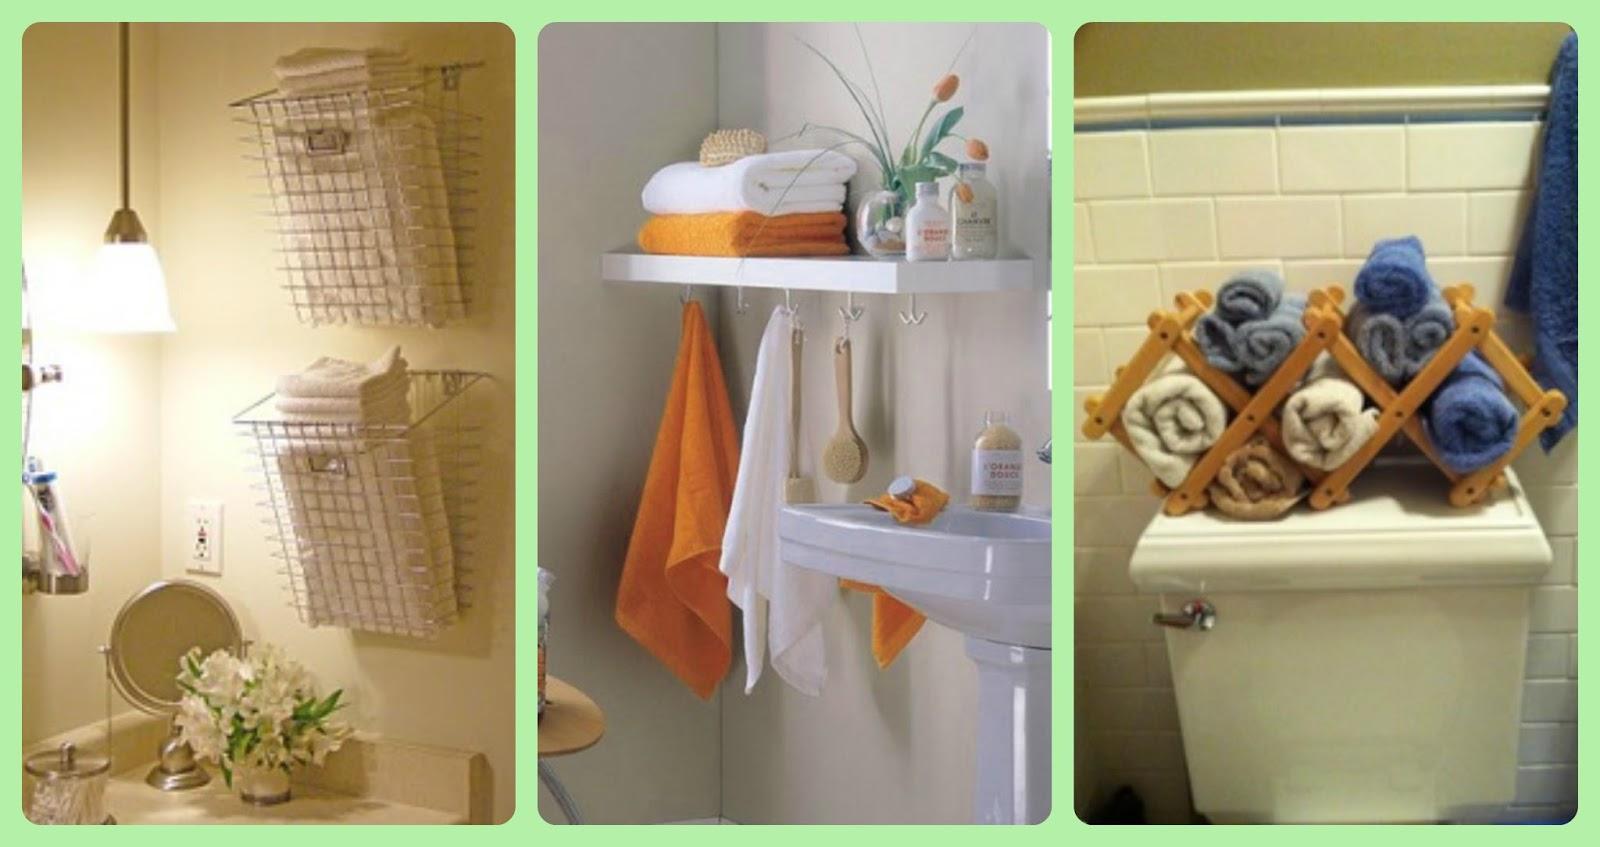 50 Dicas para Você Organizar seu Banheiro ~ Faça Você Mesmo  #9F652C 1600 847